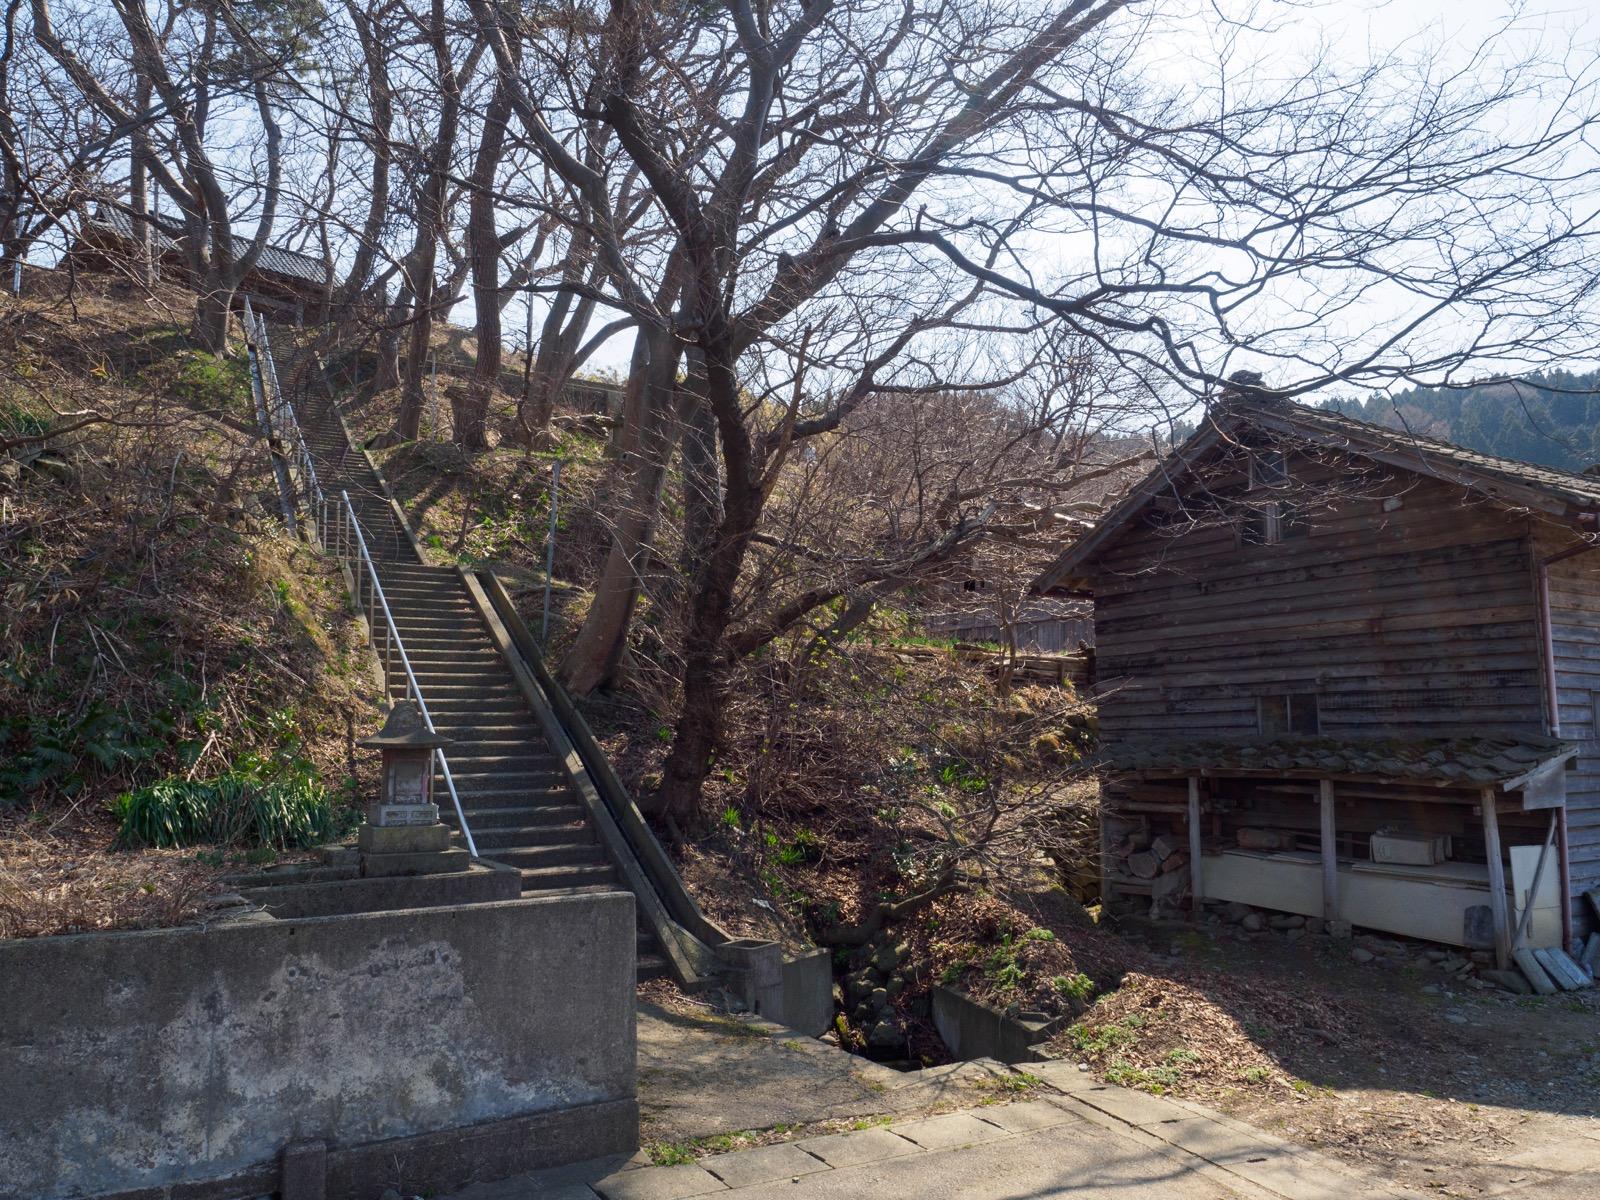 小波渡駅の隣りにある神社